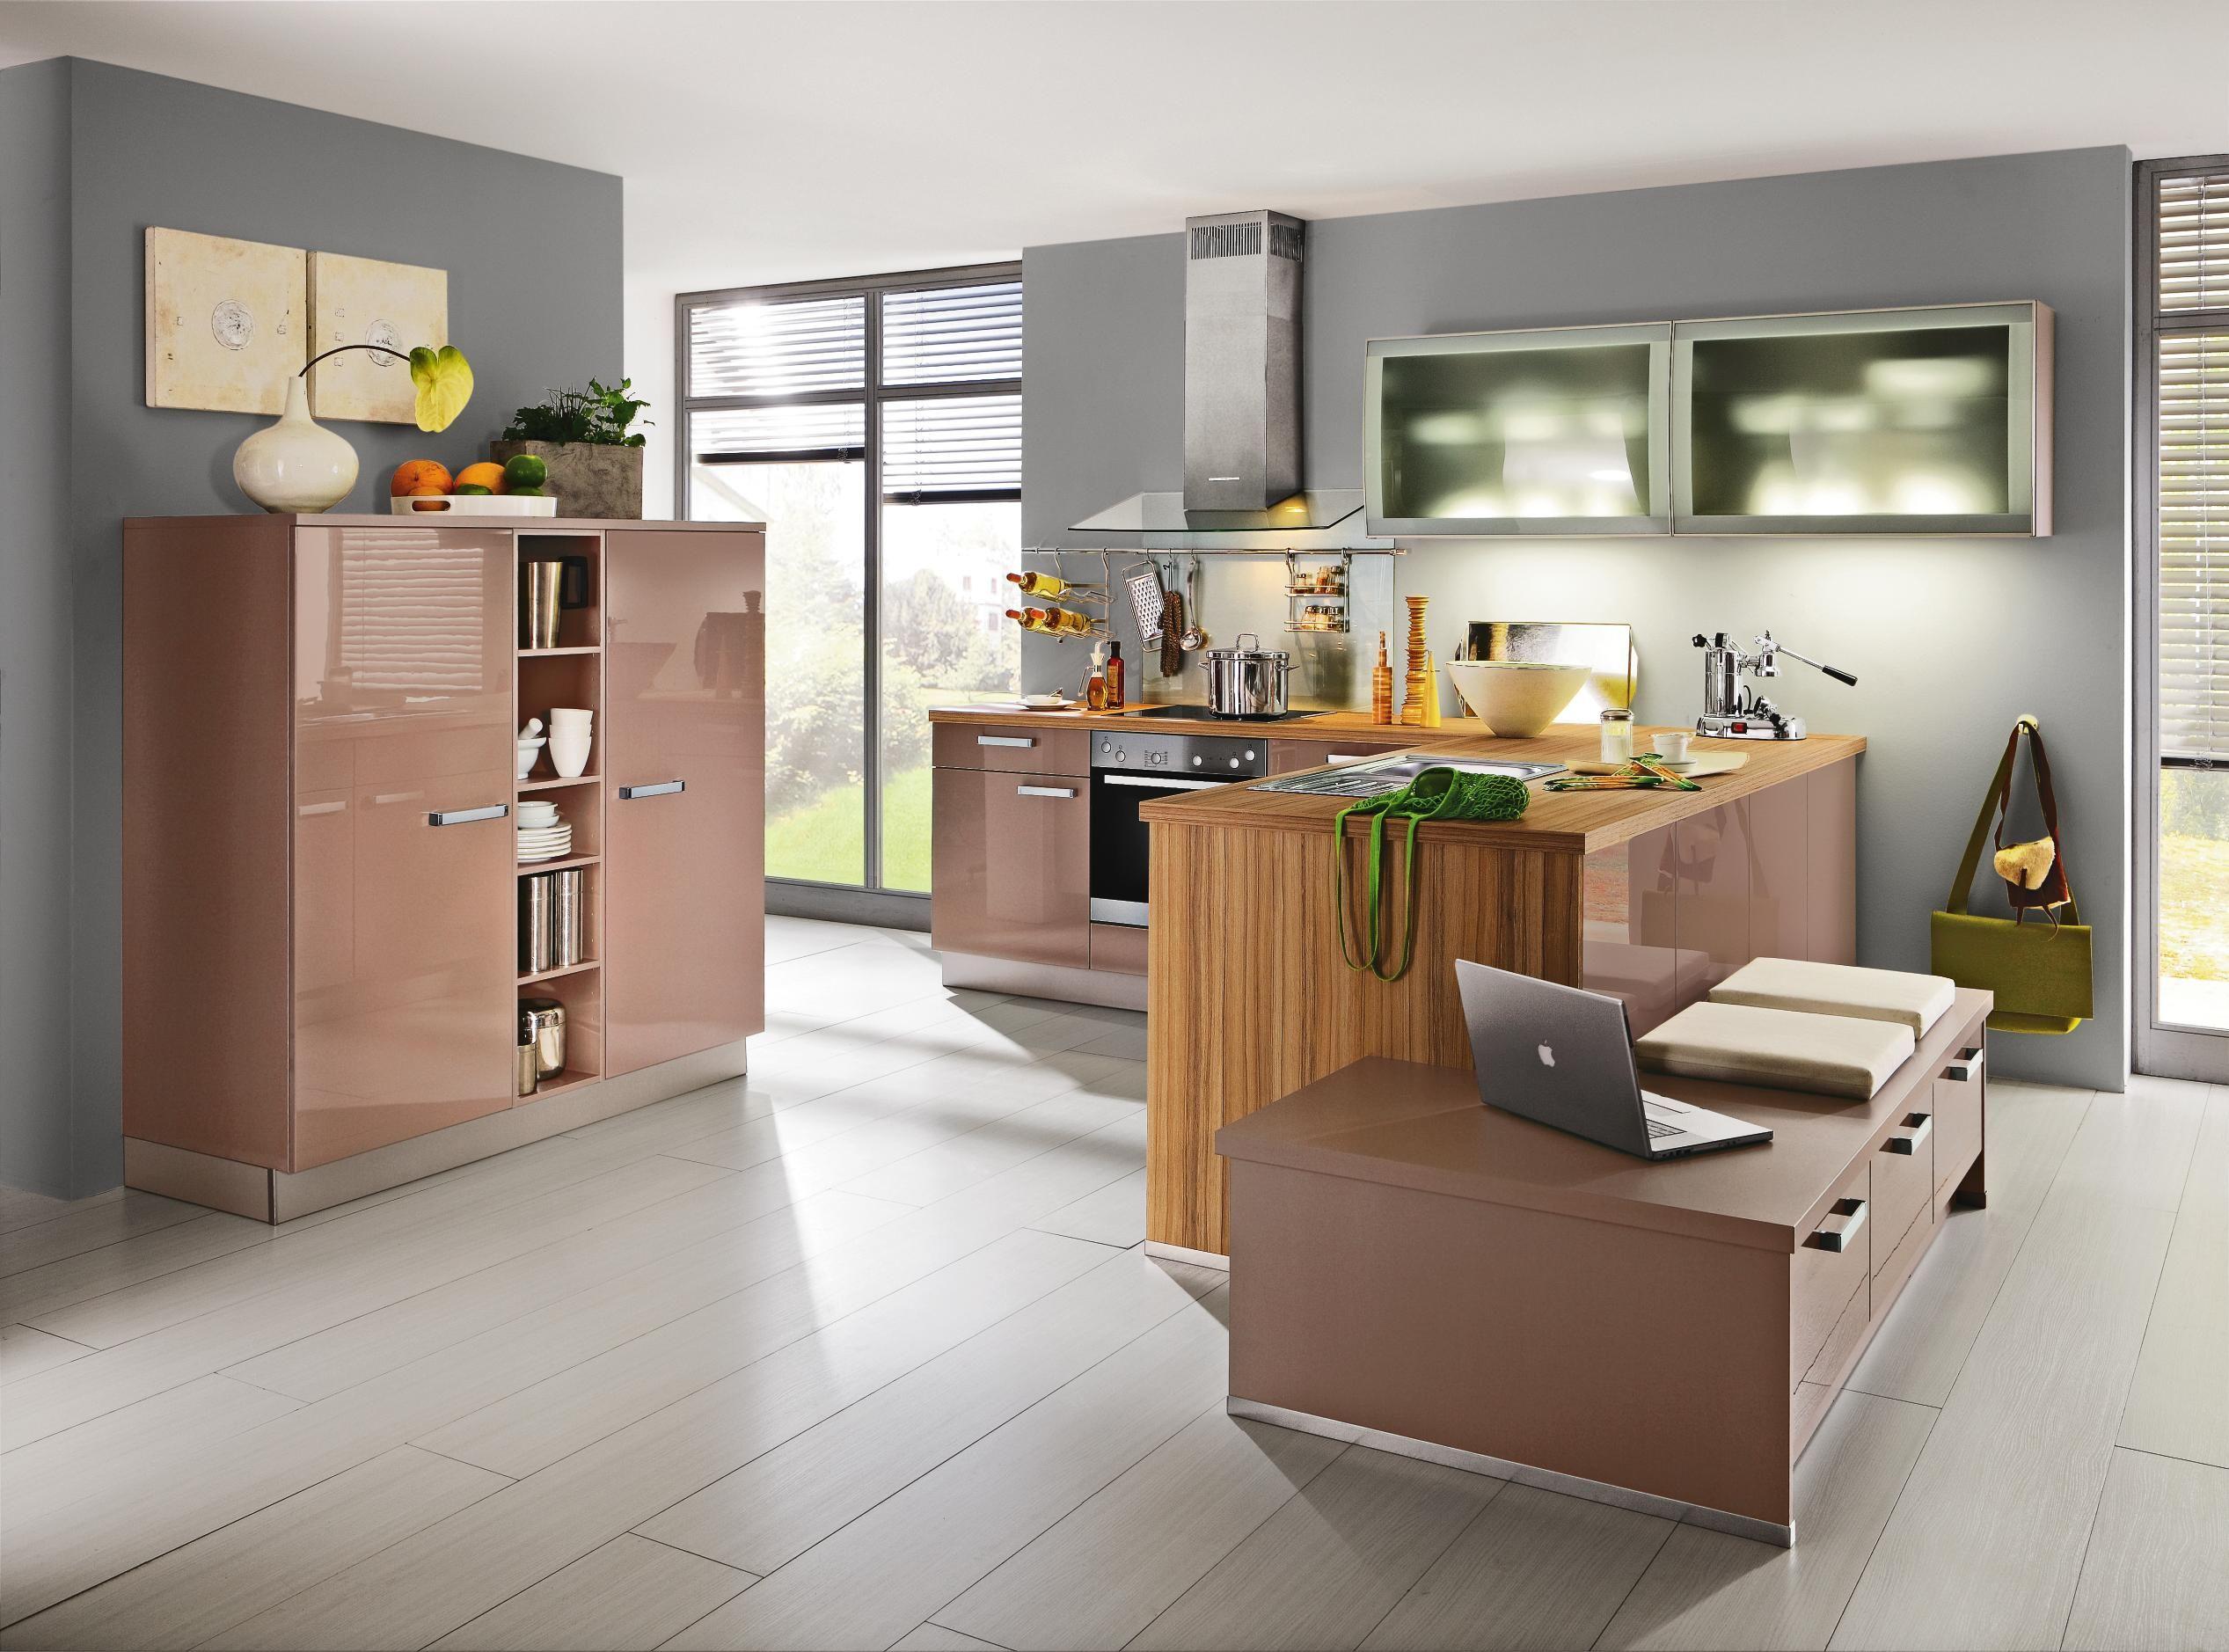 Berühmt Küche Und Esszimmer Combo Houzz Fotos - Ideen Für Die Küche ...